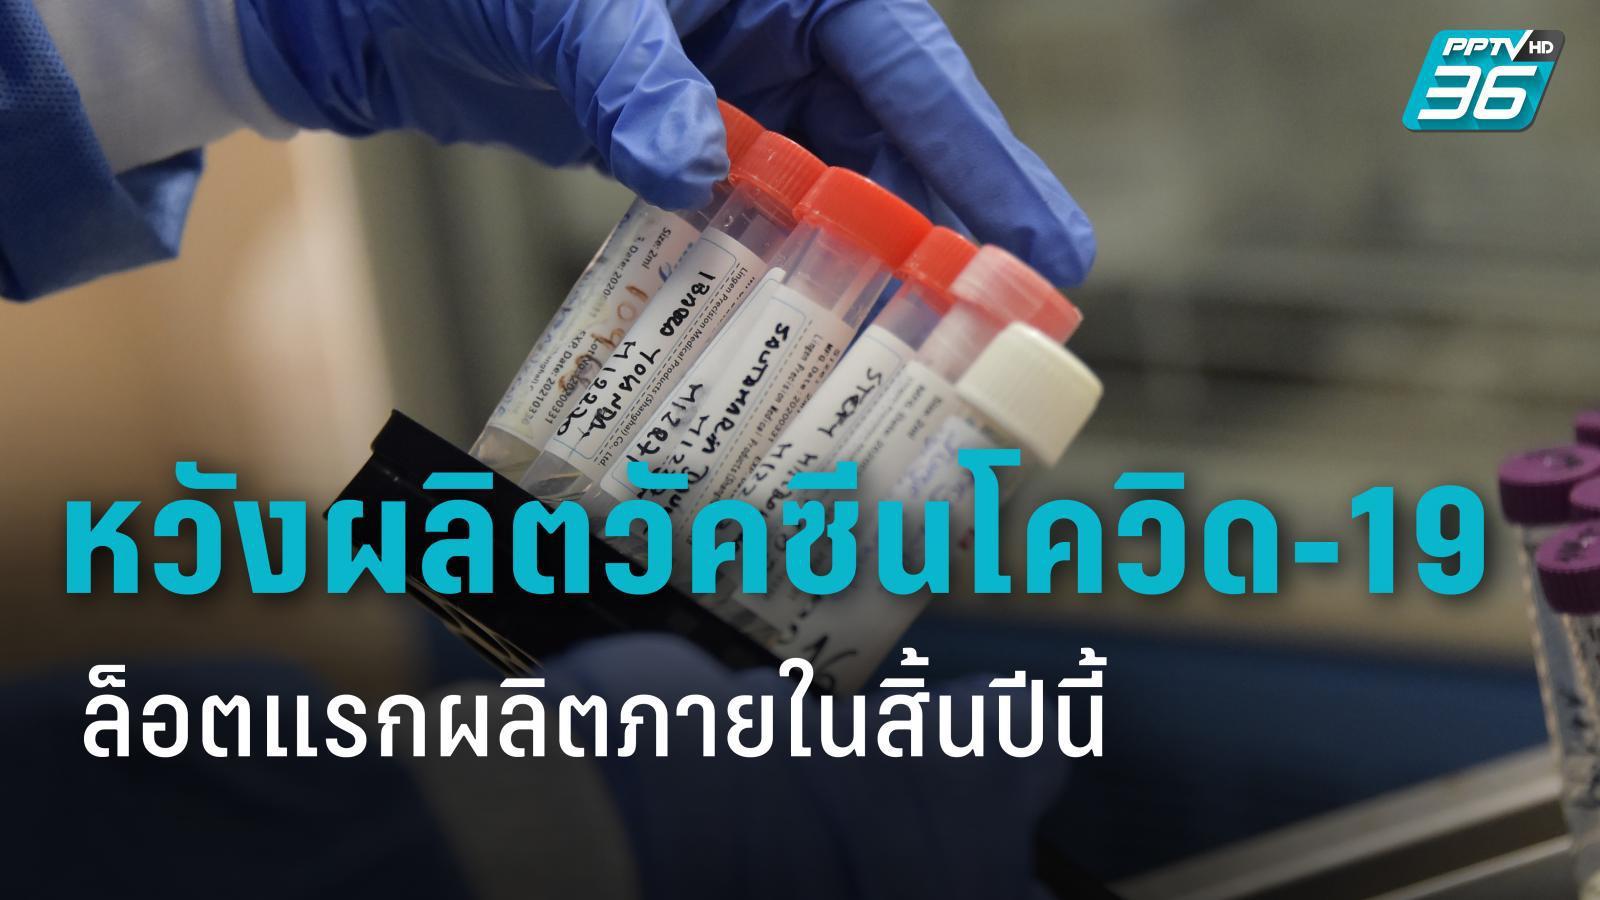 อนามัยโลกหวังผลิตวัคซีนโควิด-19 ล็อตแรกผลิตภายในสิ้นปีนี้